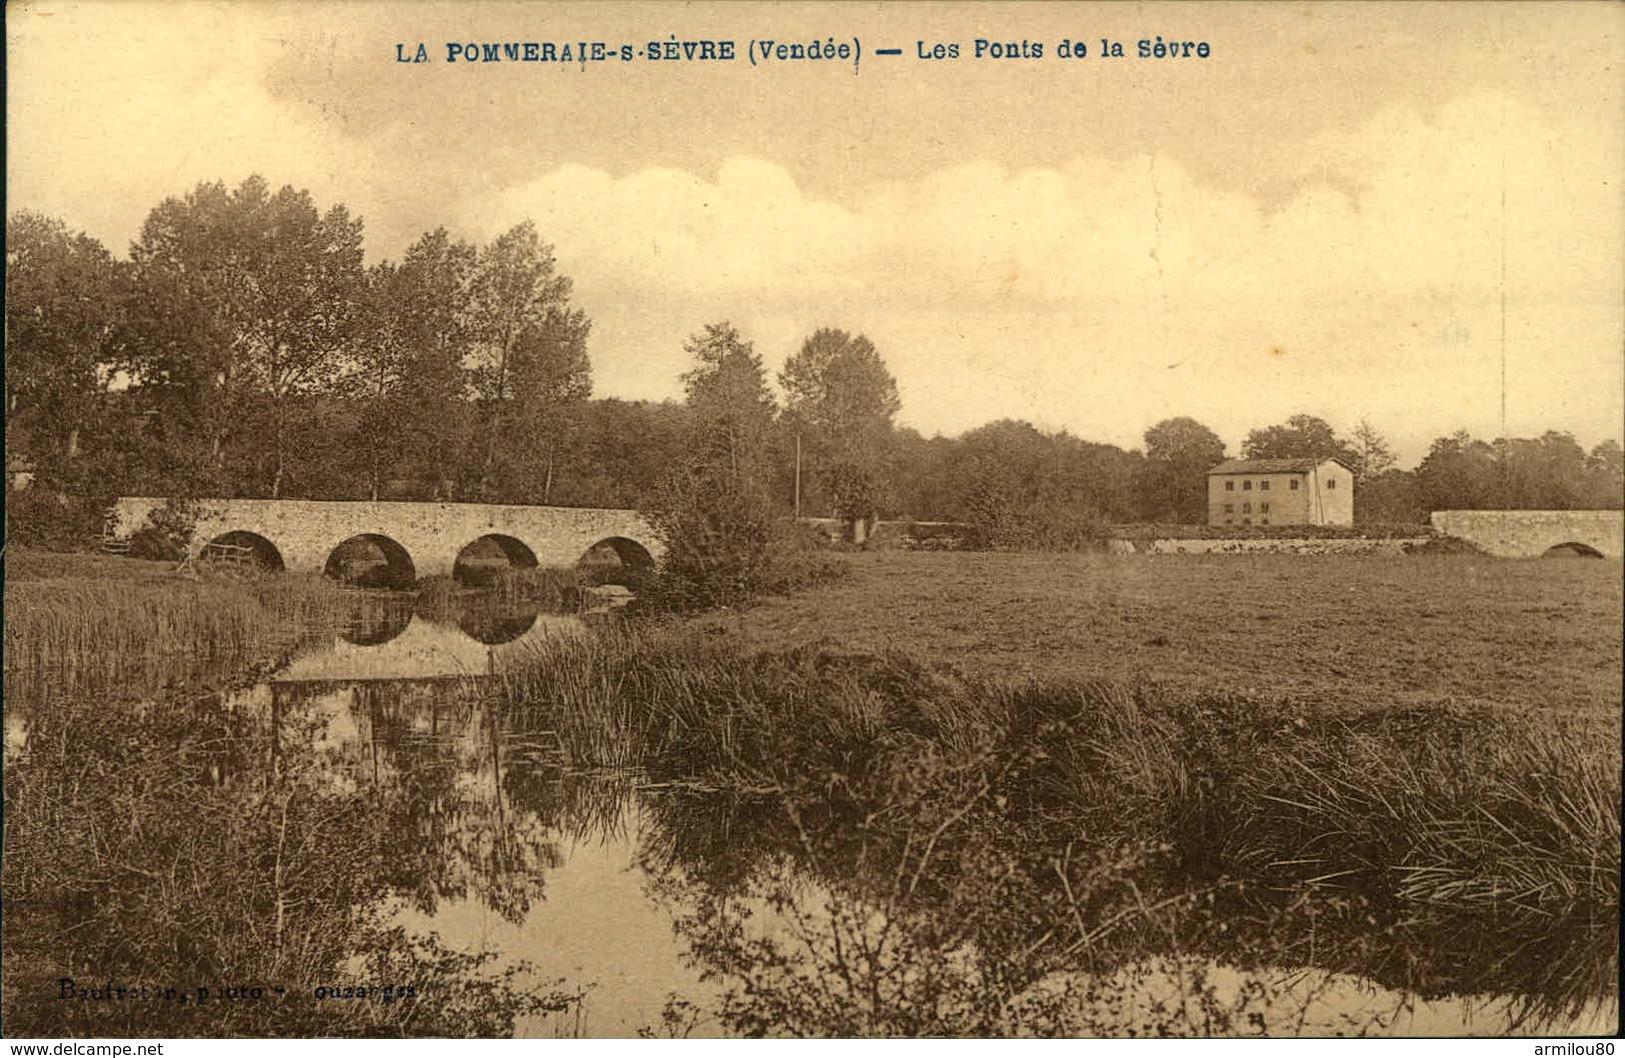 N°726 RRR GG LA POMMERAIE SUR SEVRE LES PONTS DE LA SEVRE  LEGERES PLIURES - Autres Communes